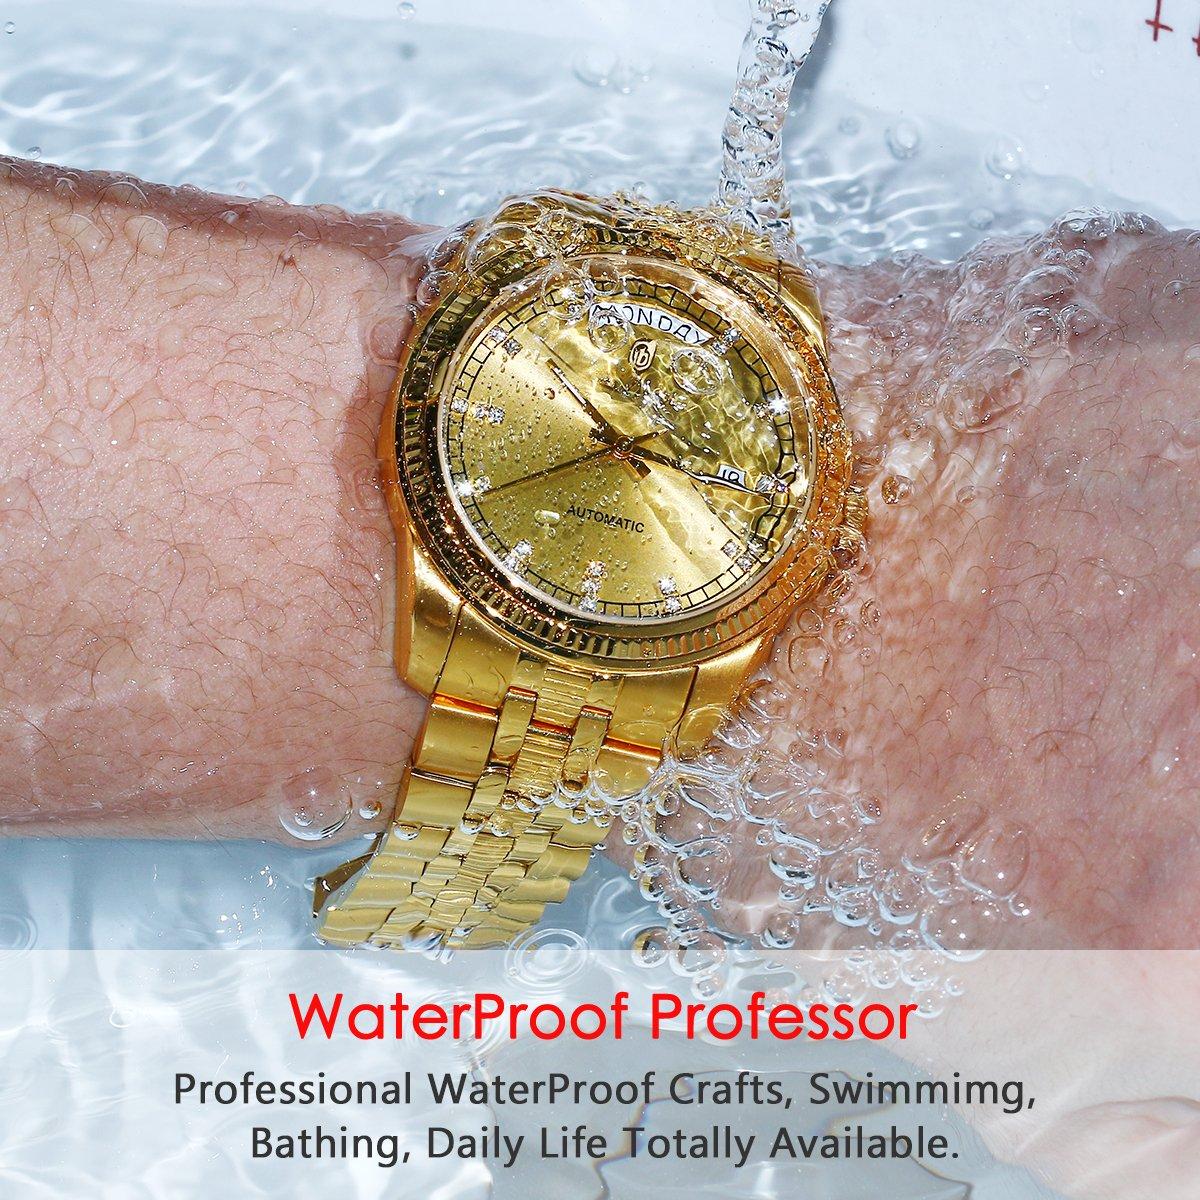 4b0e373f913 Amazon.com  BINLUN Mens 18K Gold Luxury Watches Waterproof Datejust  Diamonds Dress Watch Swiss Movement  Watches